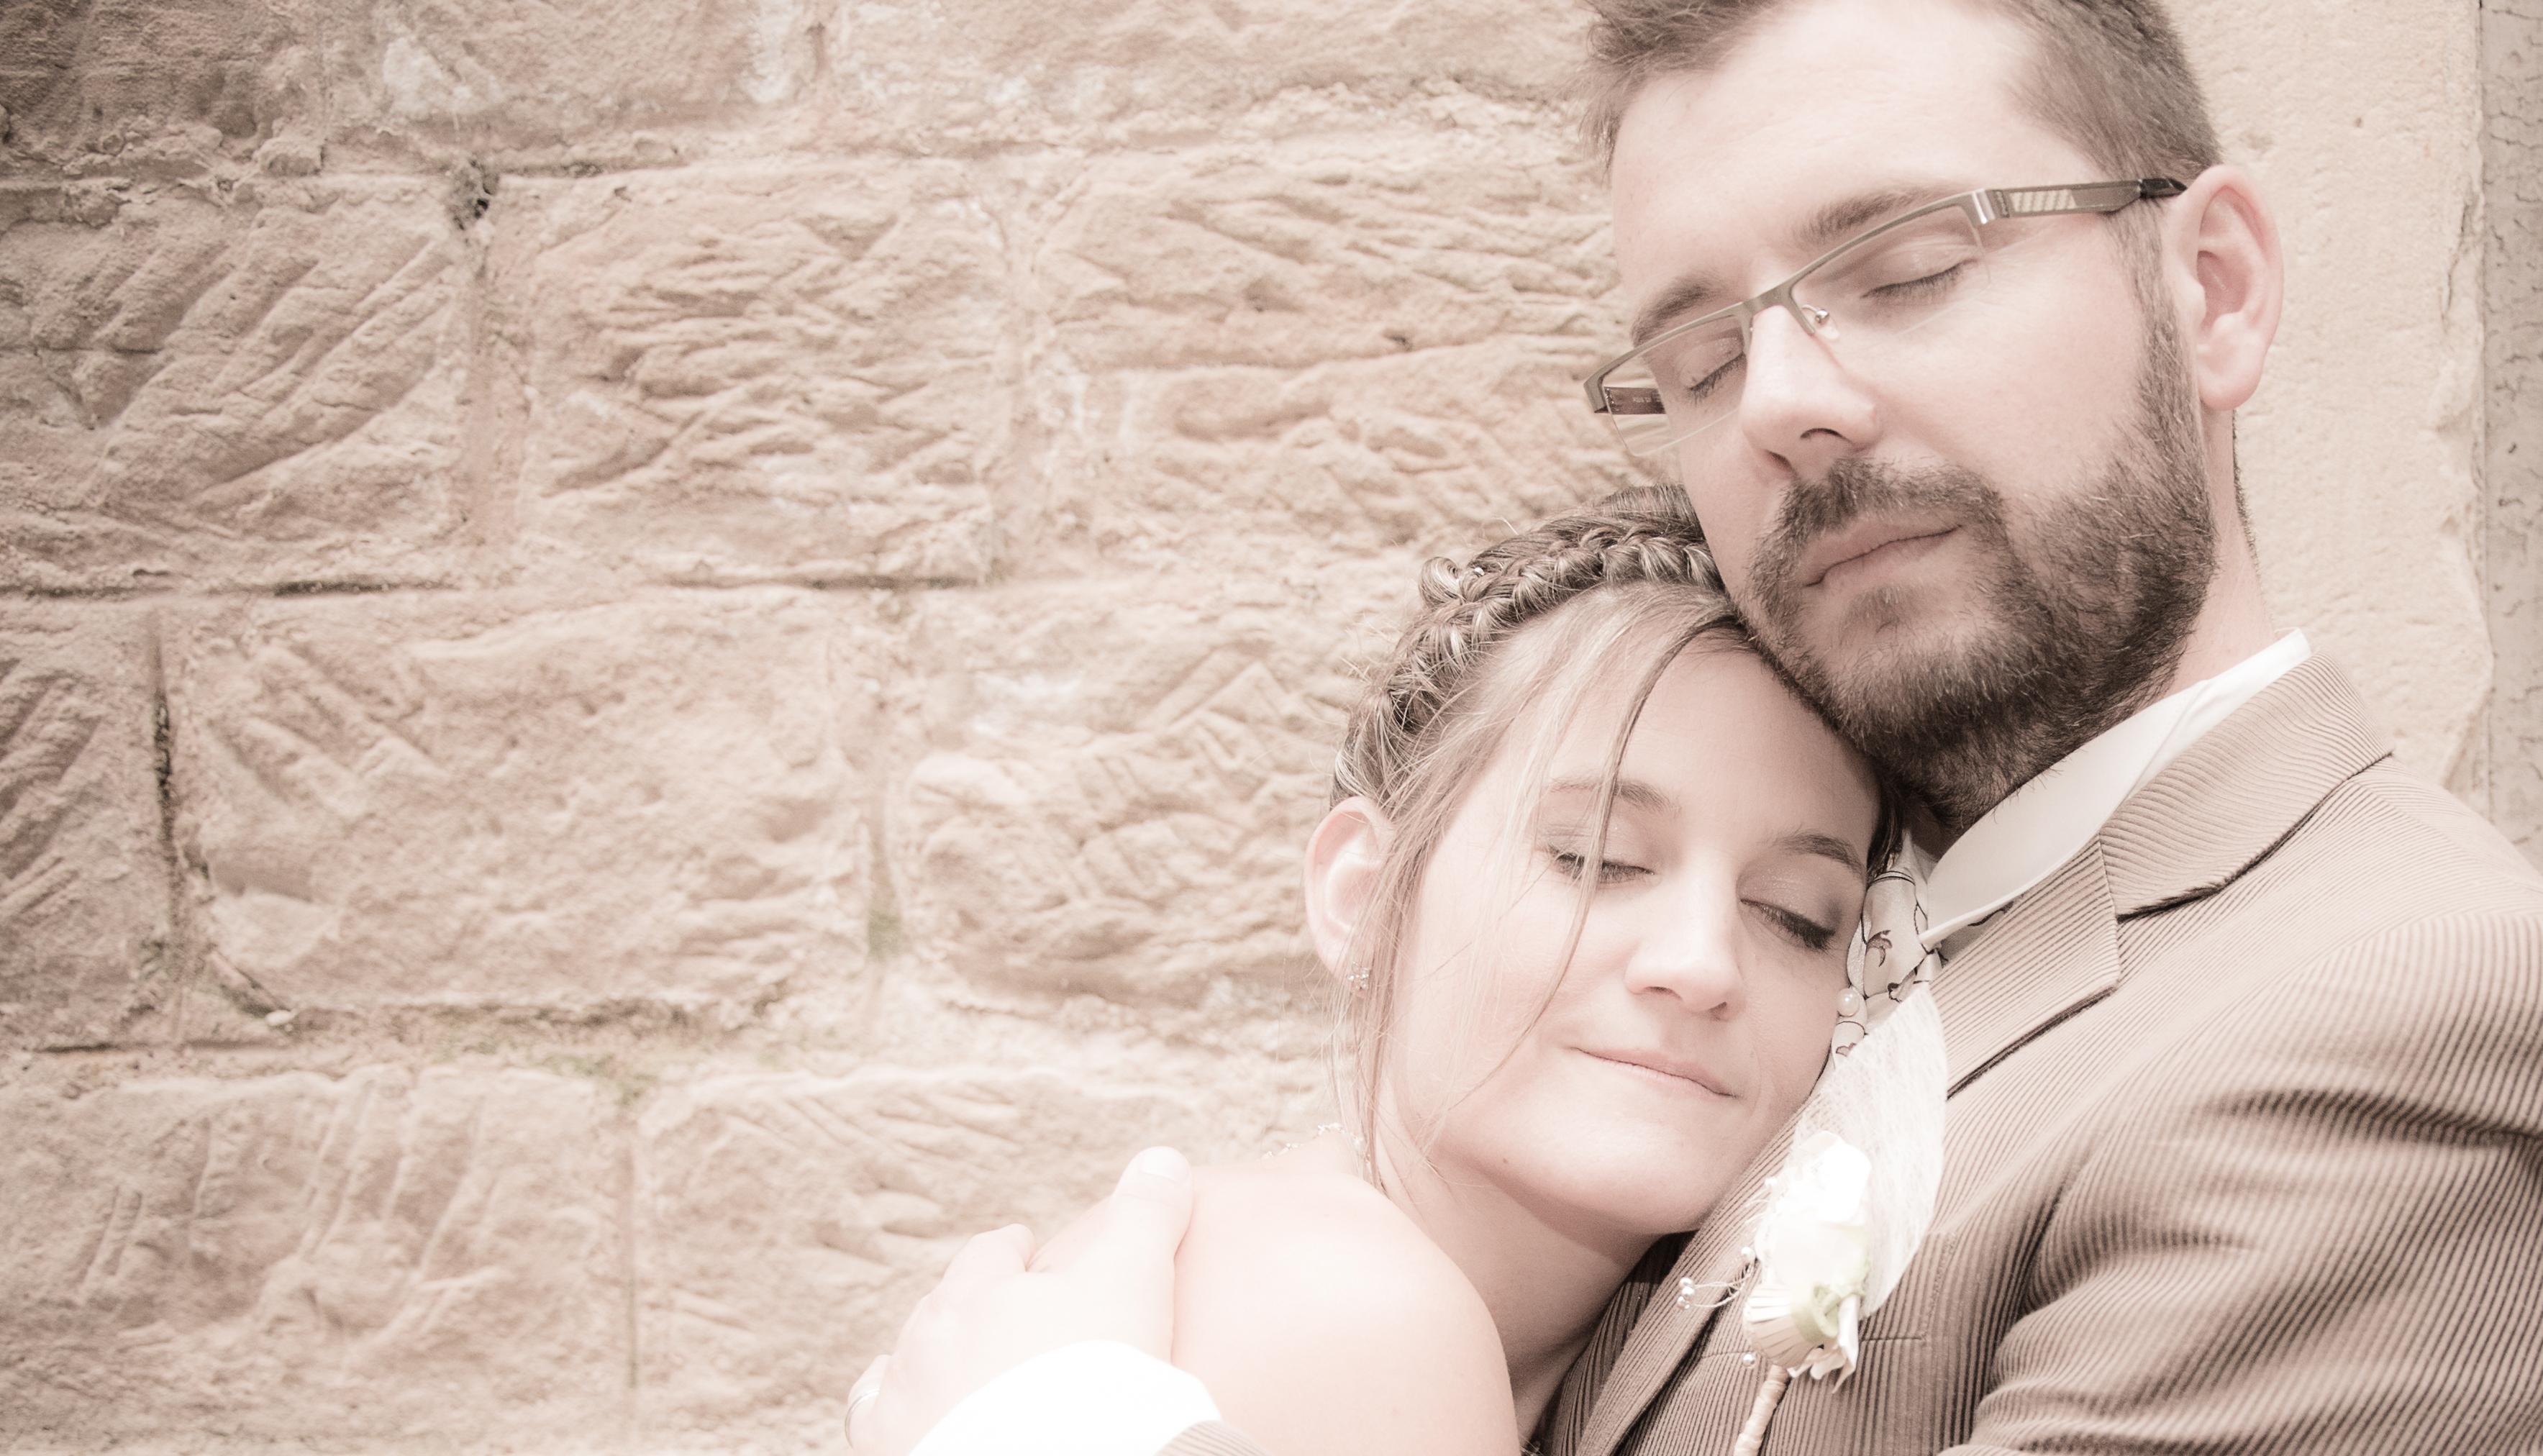 Les petits moments -  amour en musique    (46).jpg